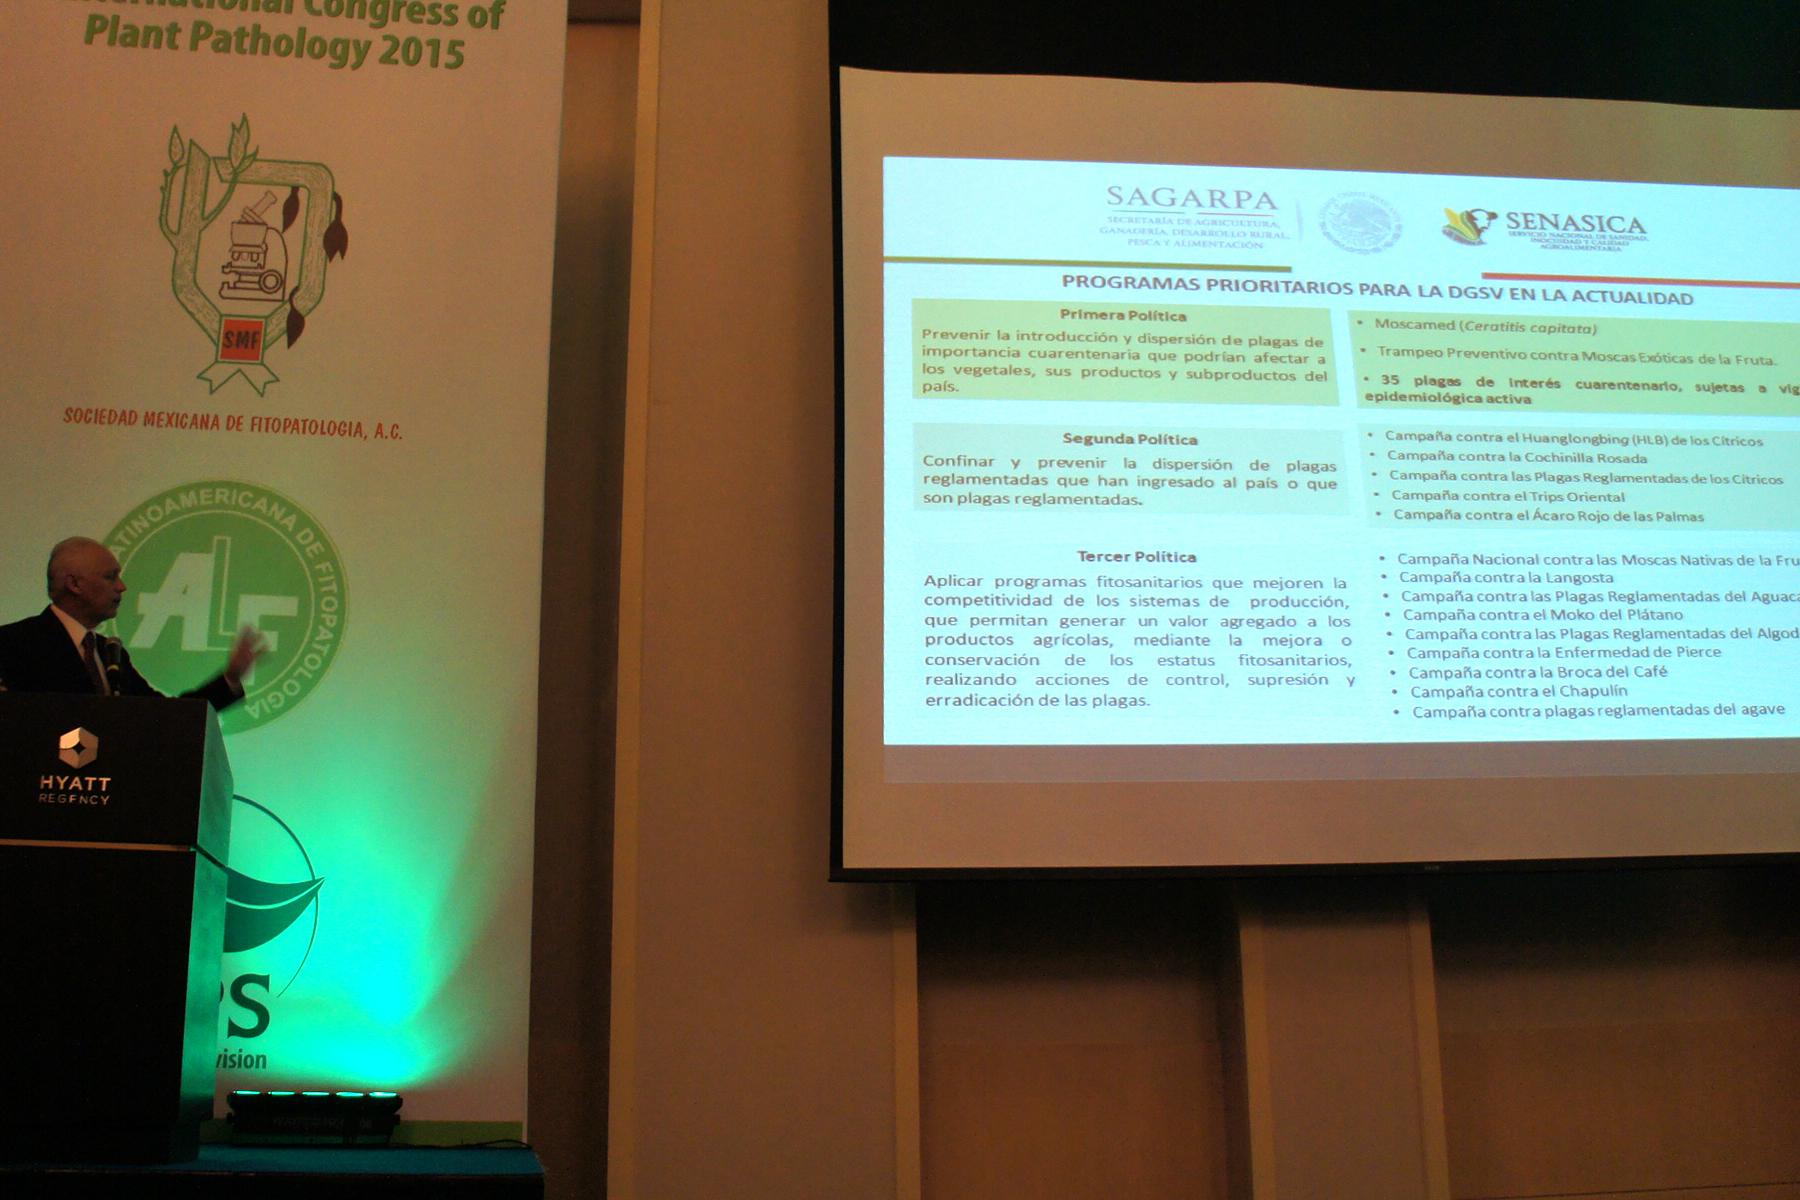 Reconoce SAGARPA trabajo de fitopatólogos en el resguardo de la producción agrícola nacional